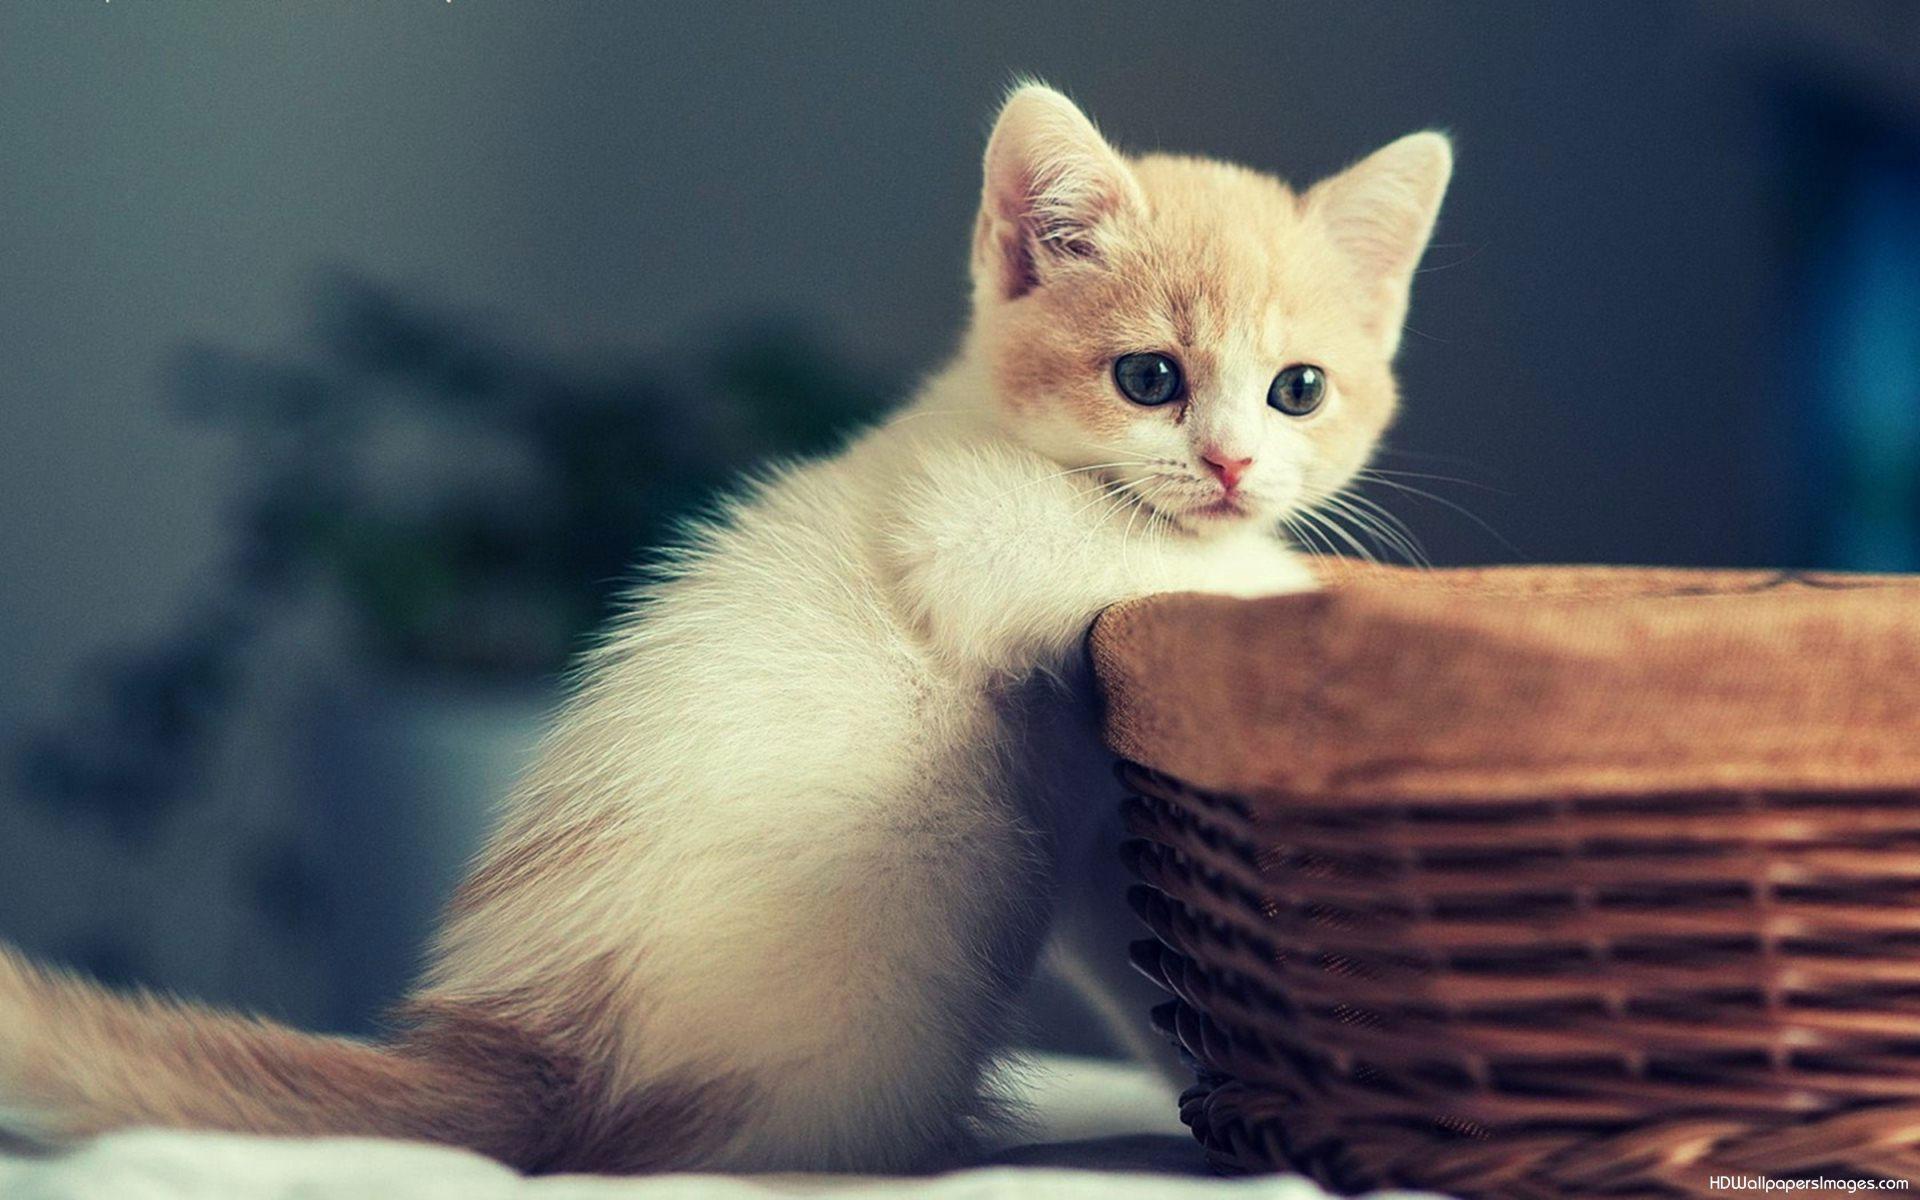 Cute Kittens Wallpapers Hd - 1920x1200 ...